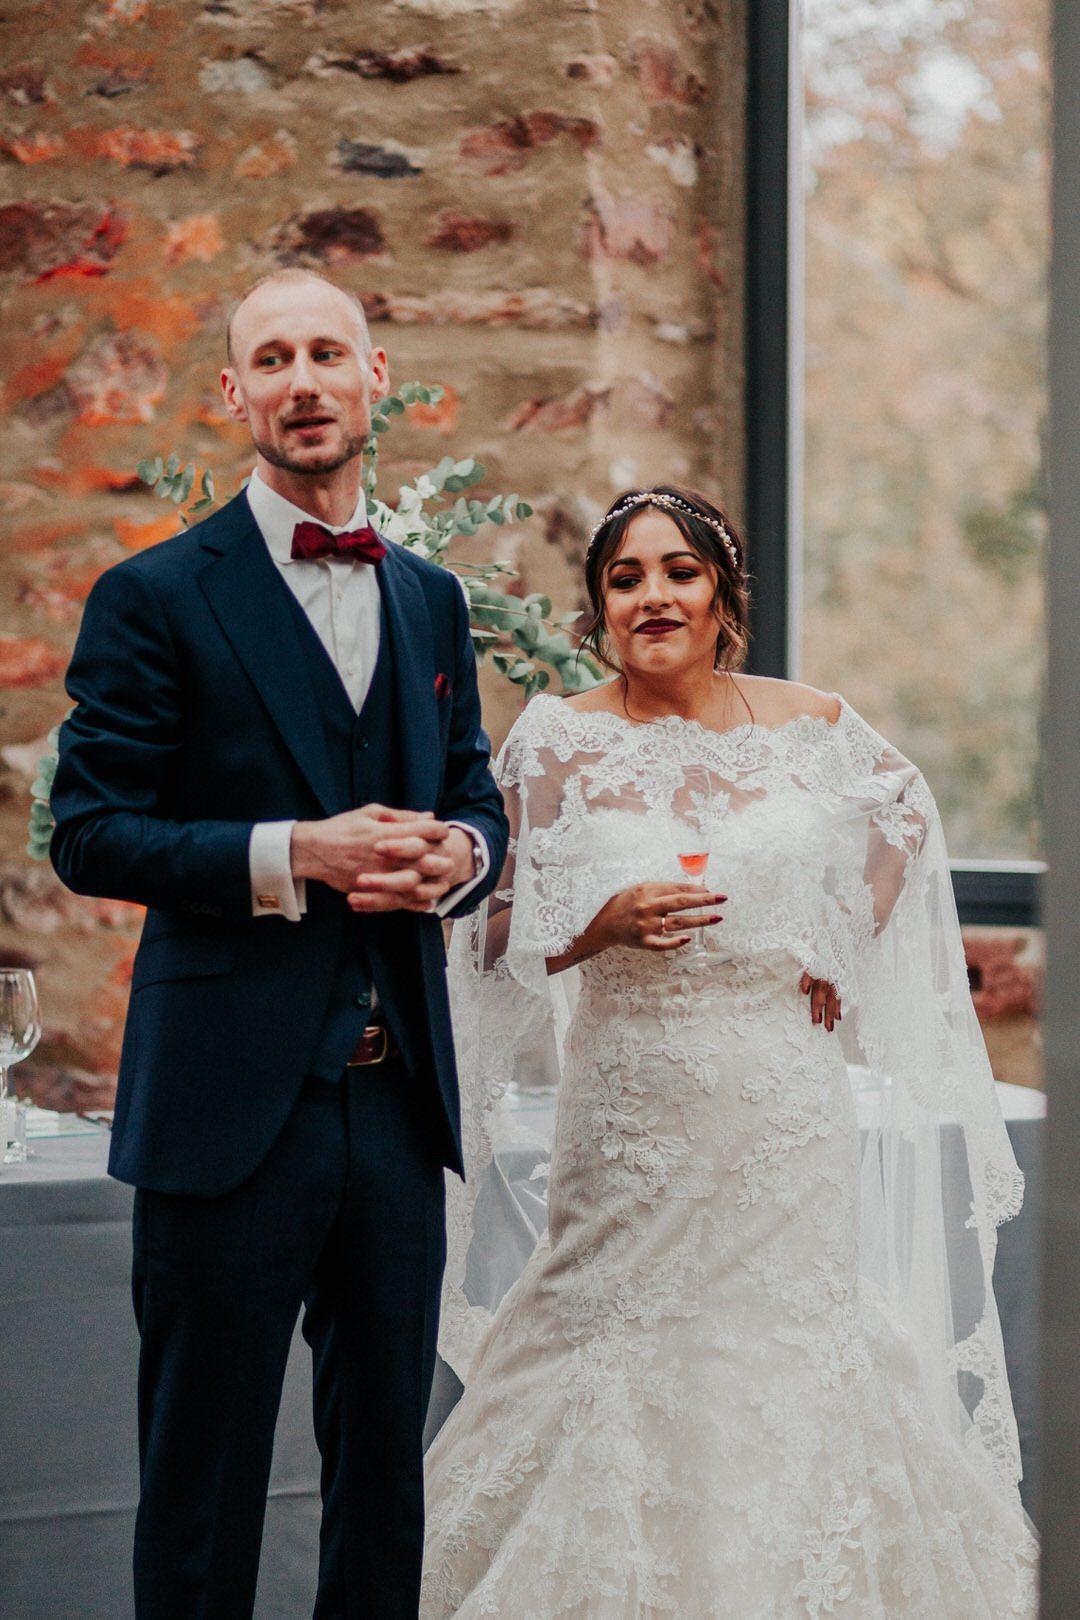 Ansprache des Boho-Brautpaars zur Begrüssung der Hochzeitsgesellschaft in der wunderschönen Rustic-Chic Location, Jagdschloss Platte